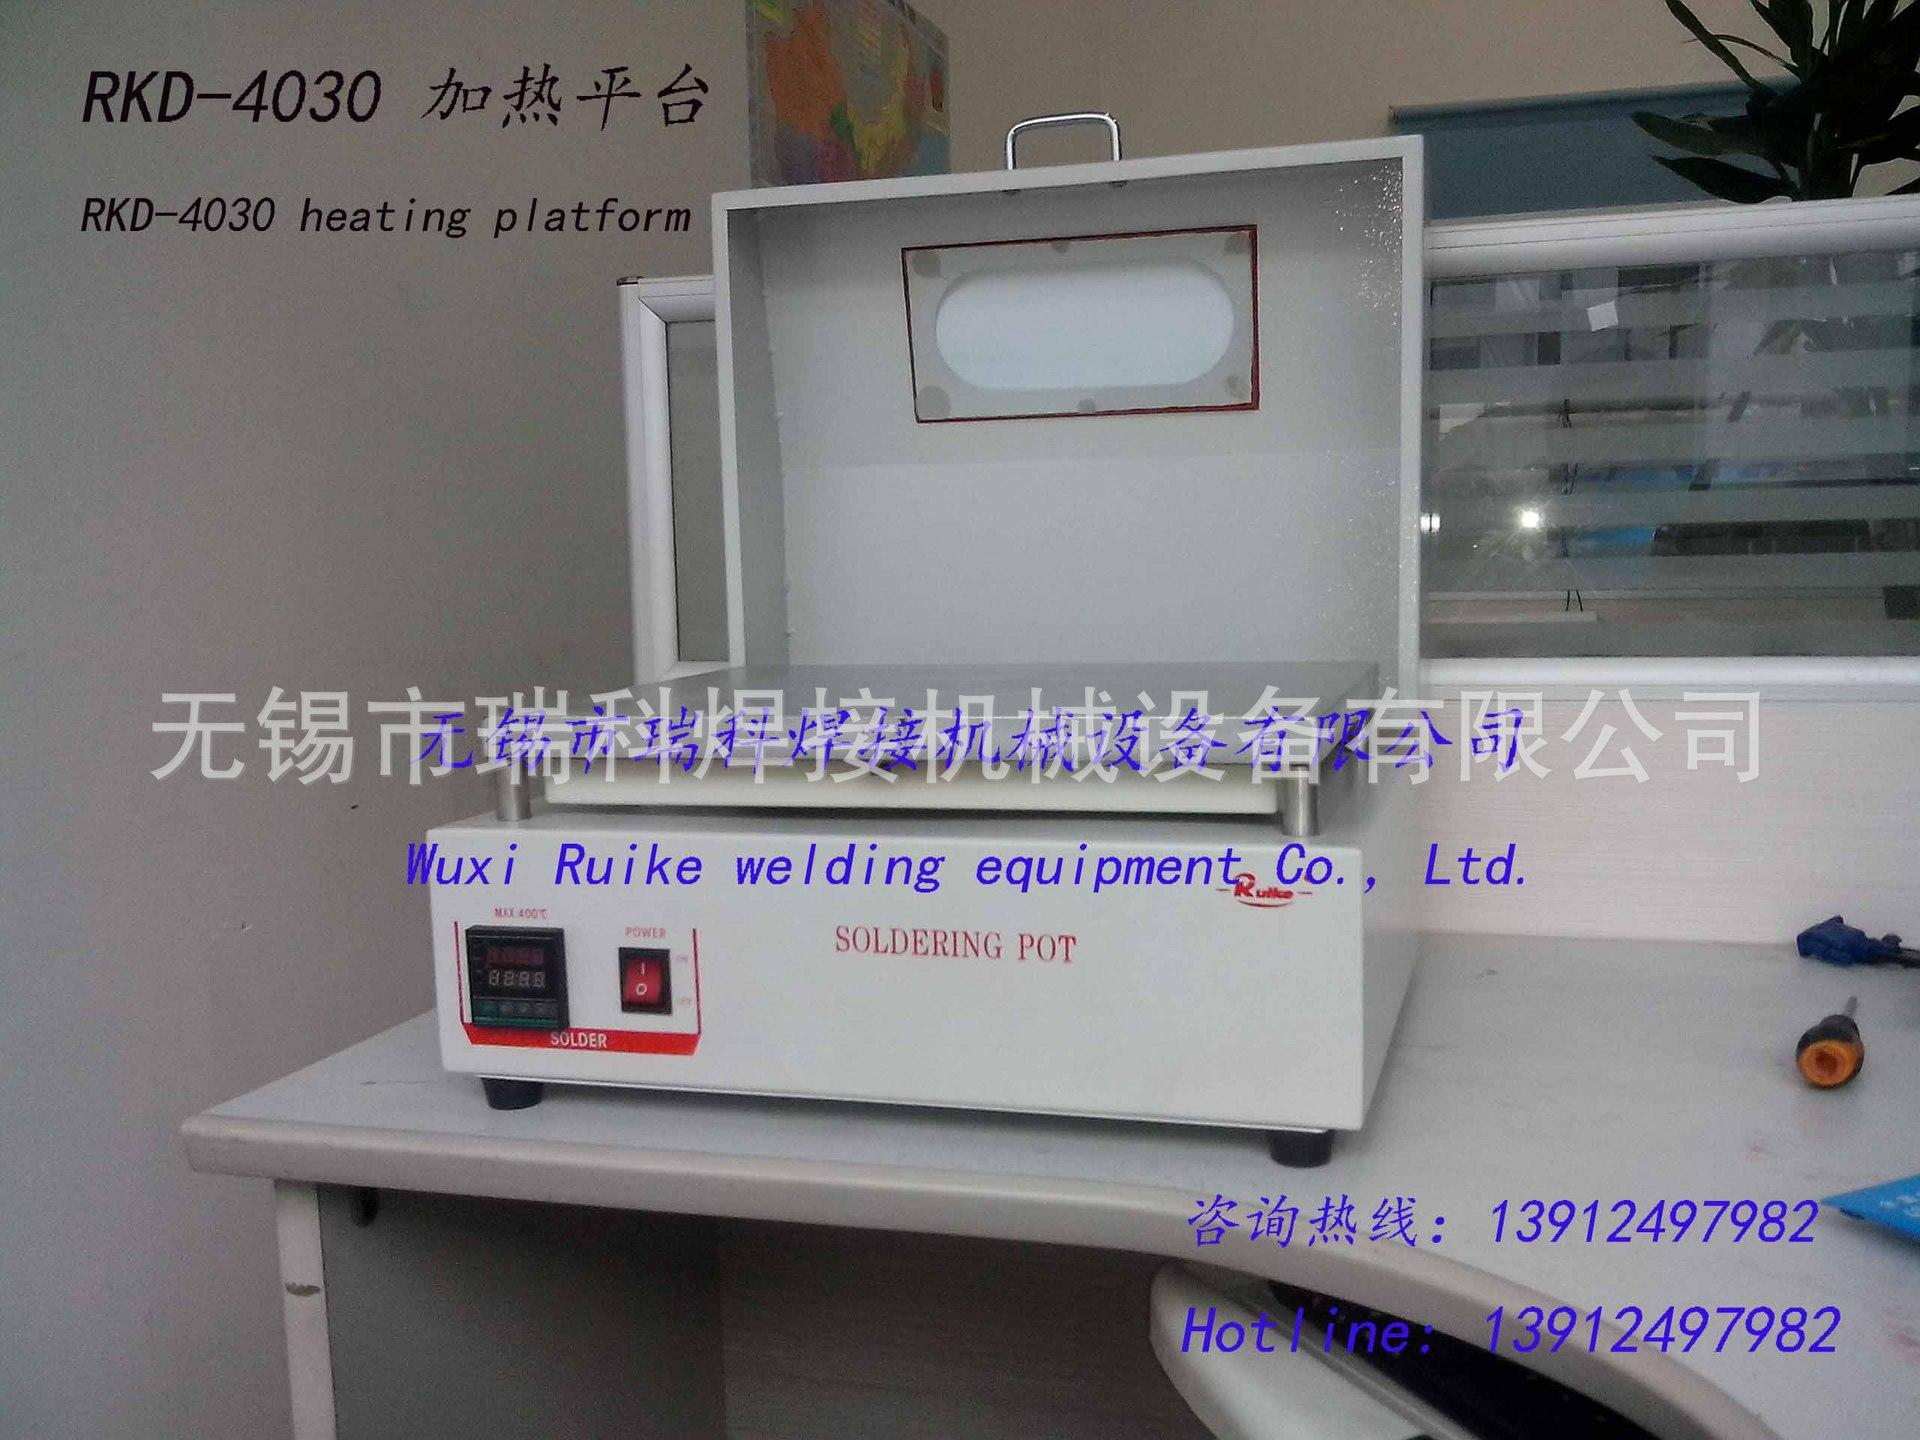 供应智能恒温数显带盖子电热平台图片_1